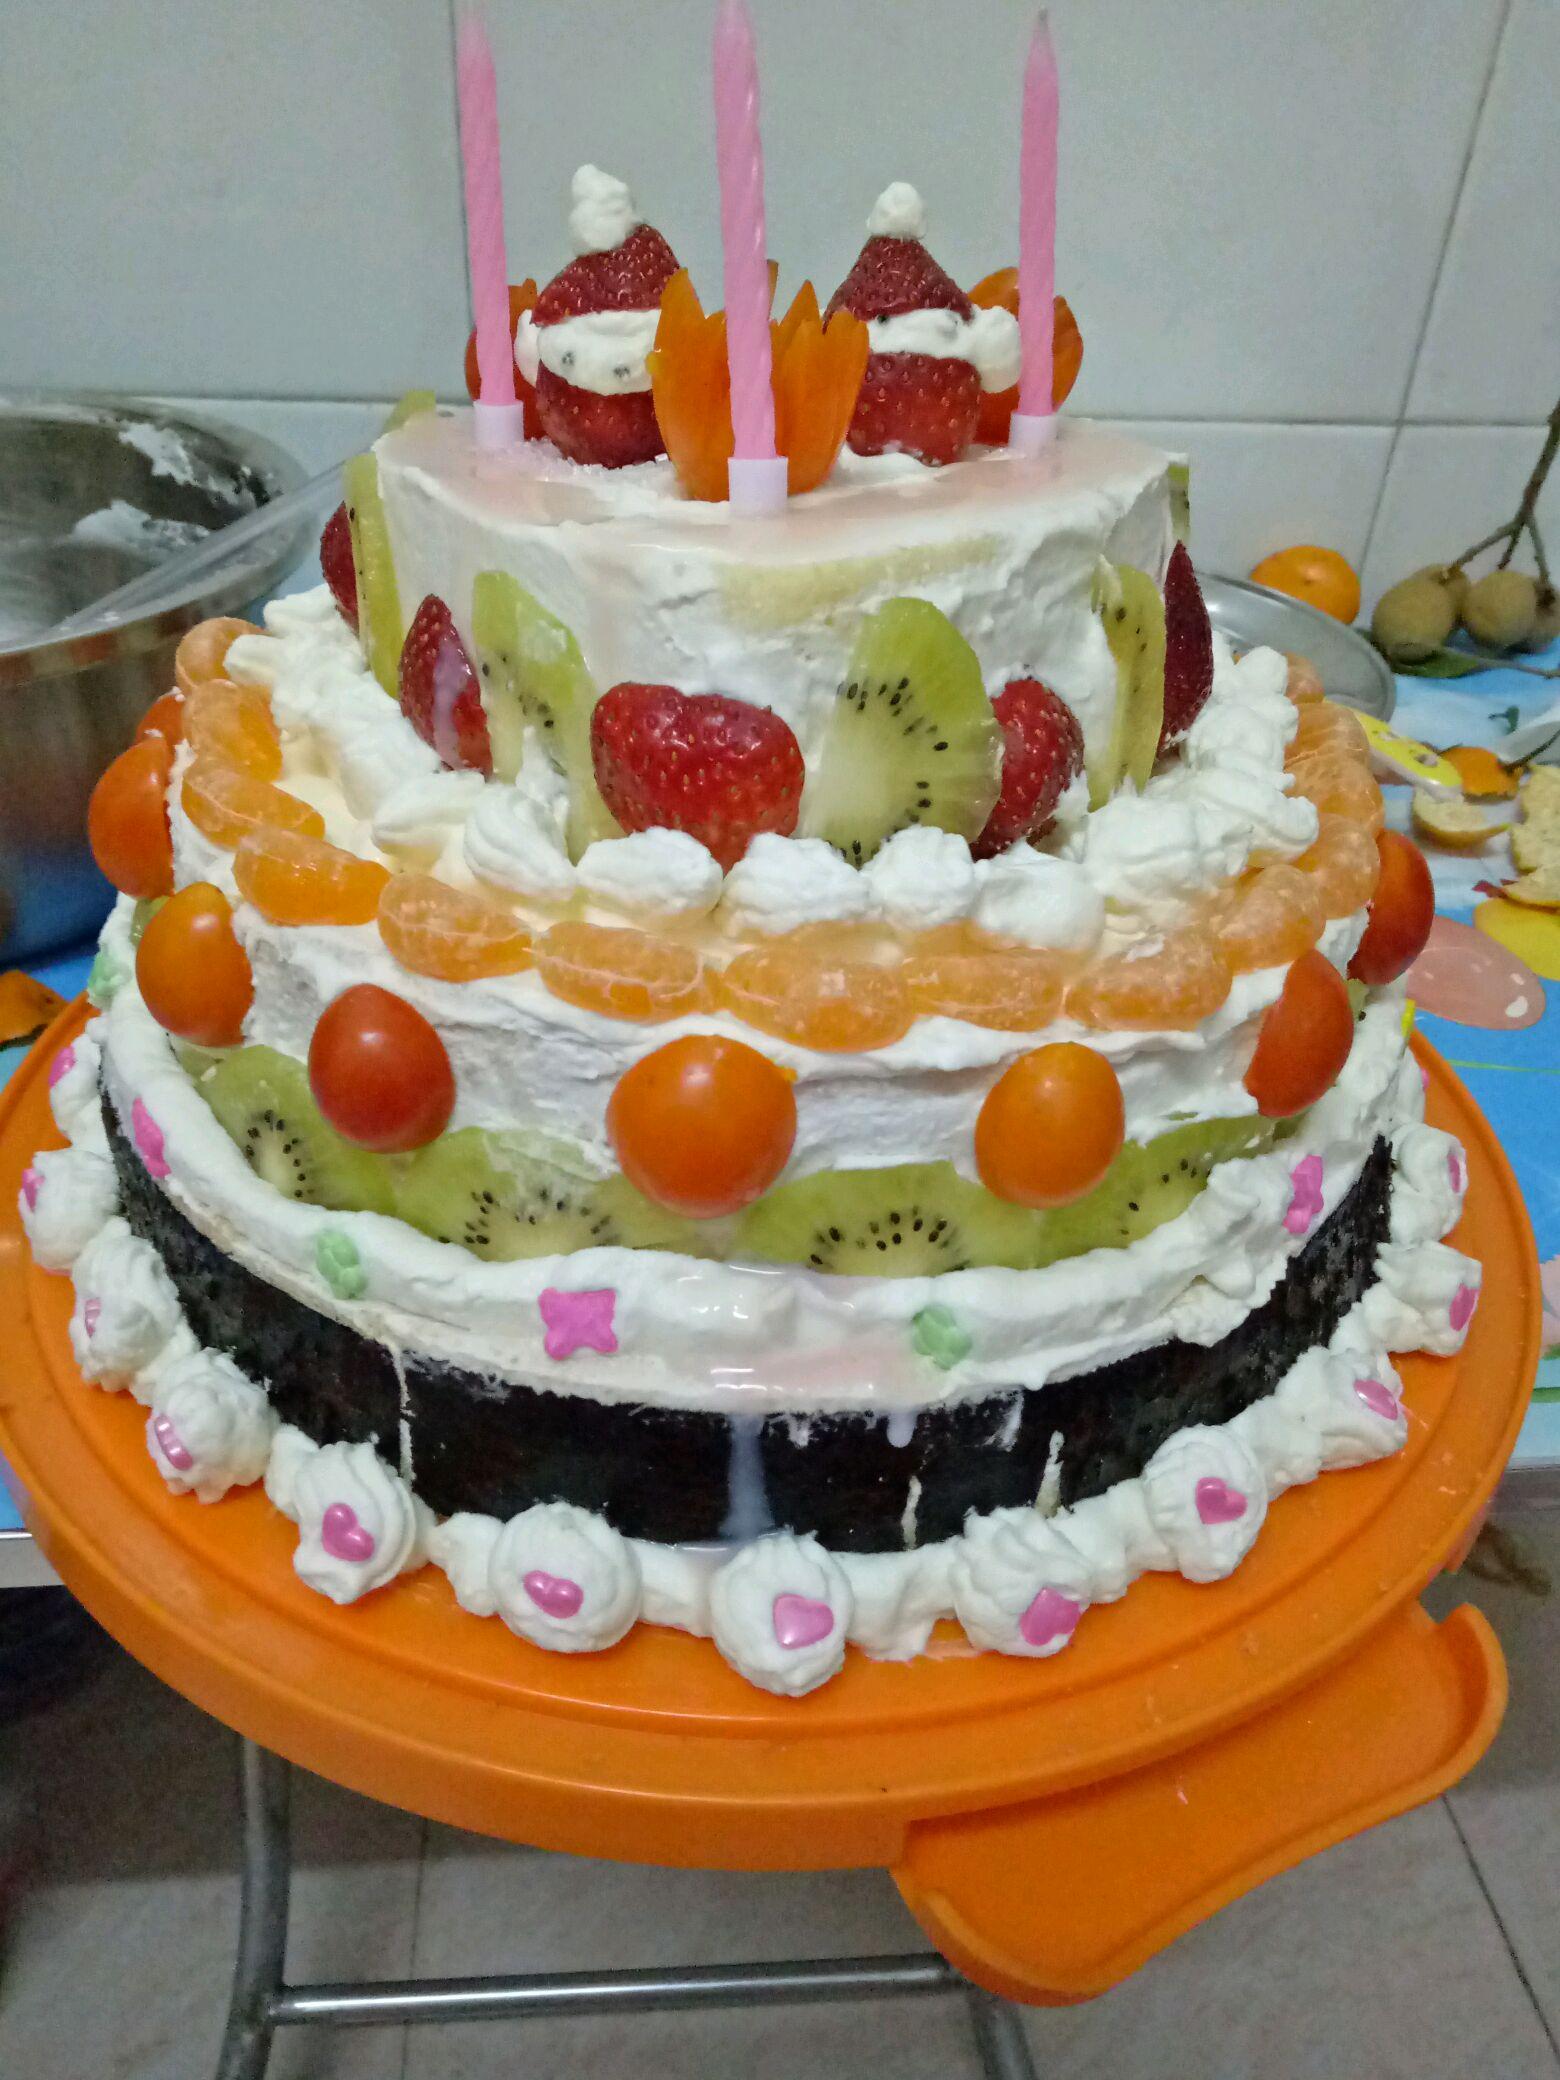 火龙果半个 糖果颗粒裱花质量 海苔美好时光6包 小橘子4个 威风蛋糕的